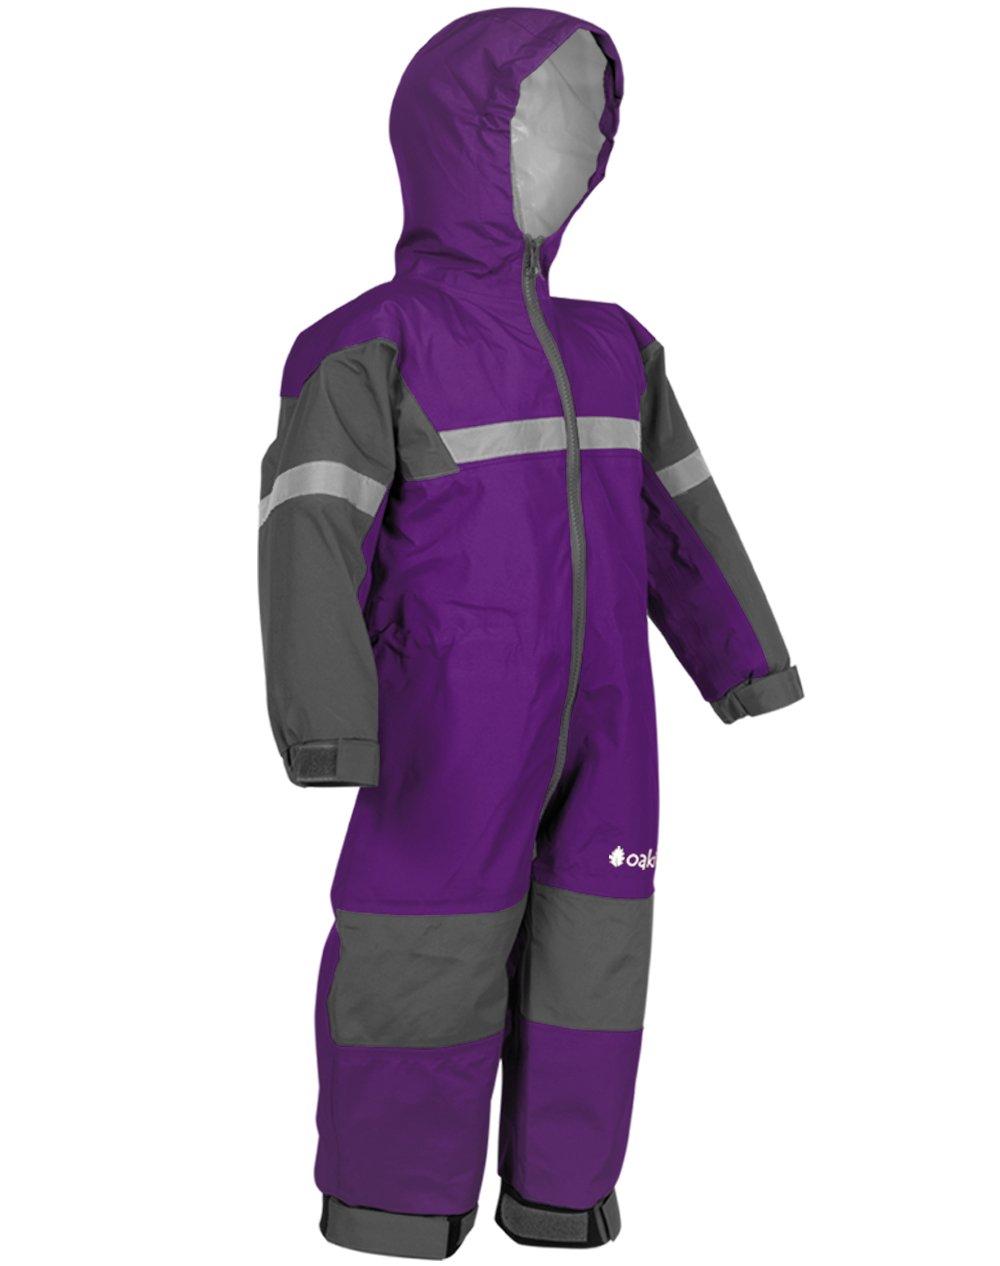 Oakiwear Kids One-Piece Waterproof Trail Rain Suit, Deep Purple, 12 Month